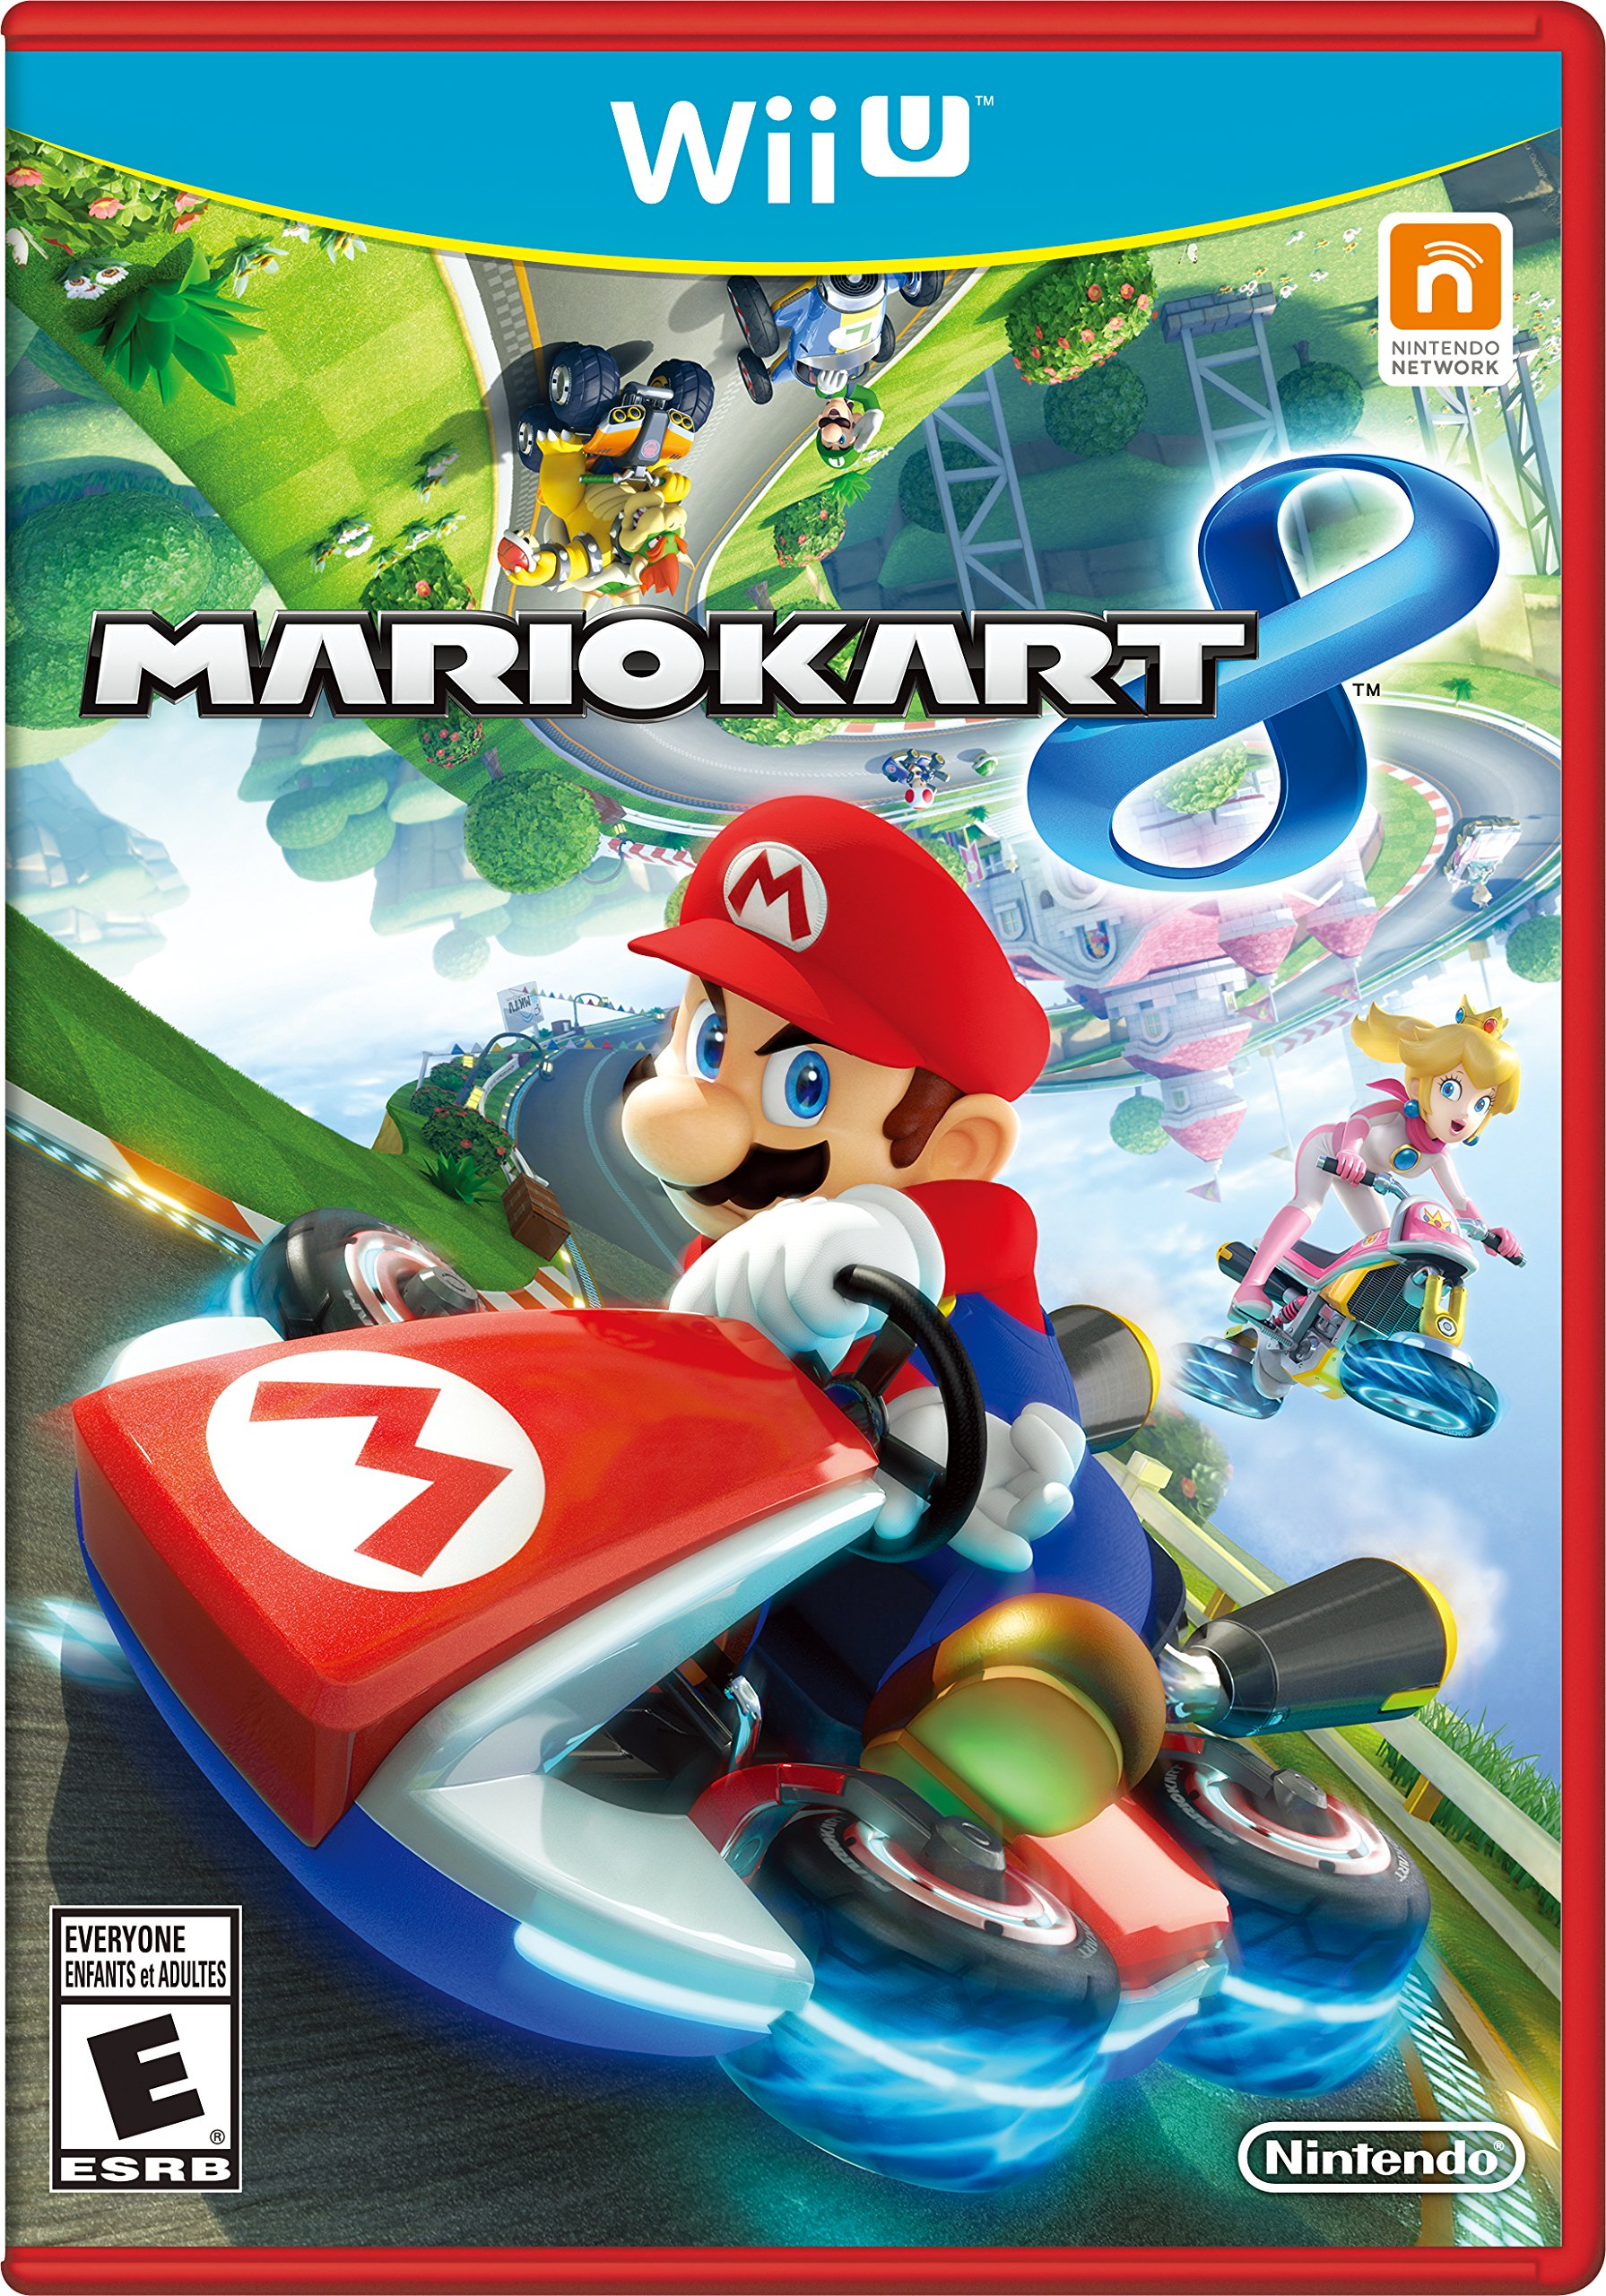 Mario Kart 8 - Wii U [Digital Code]